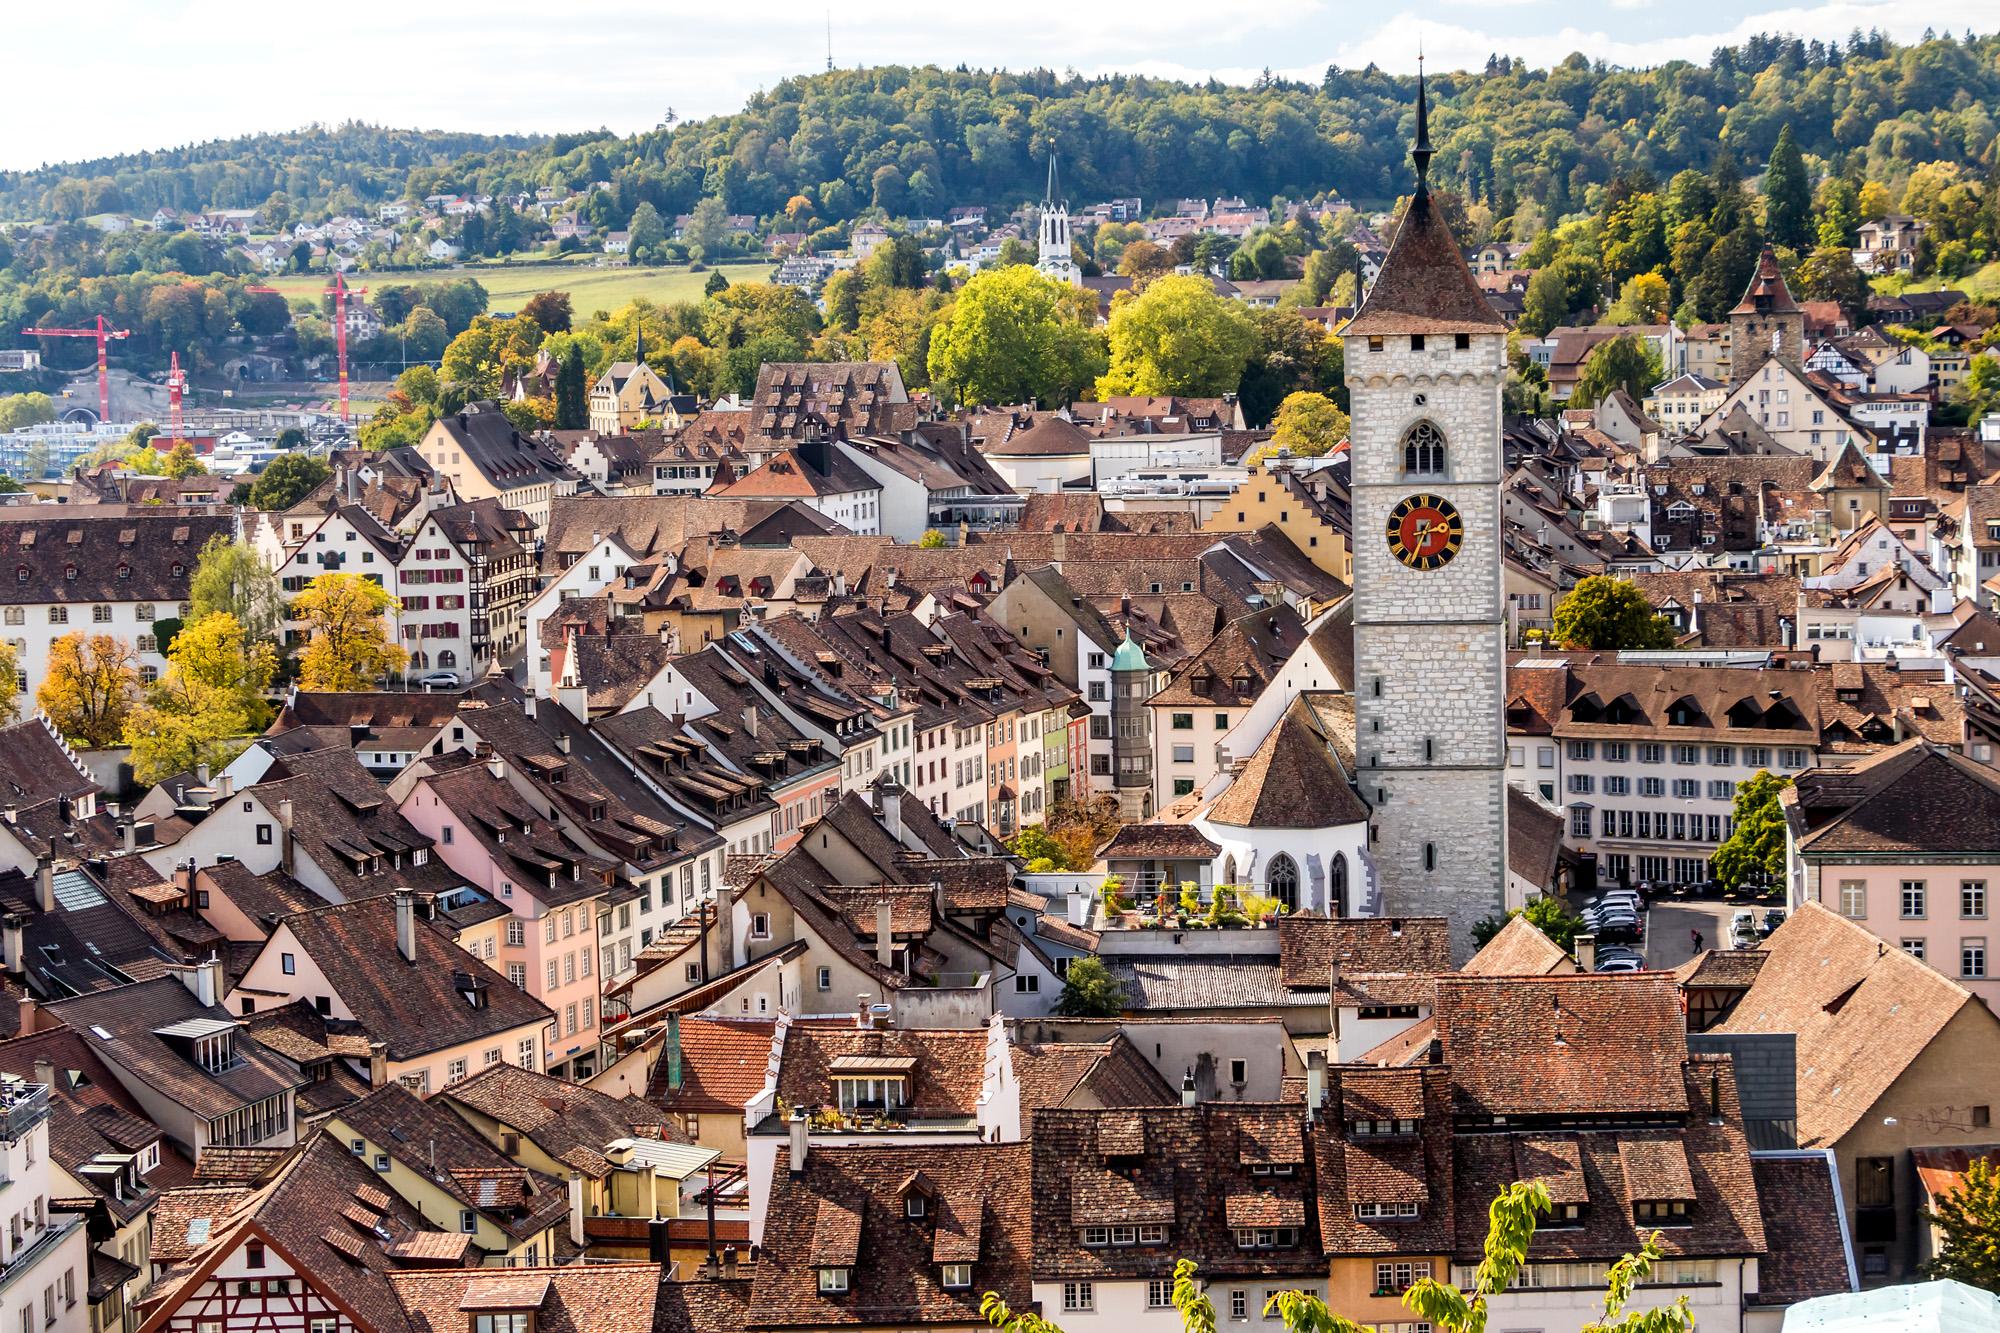 Blick auf Schaffhausens Altstadt. Aus dem Häusermeer ragt der 68 Meter hohe Turm der Kirche St. Johann empor, deren Geschichte etwa ins Jahr 1000 zurückreicht